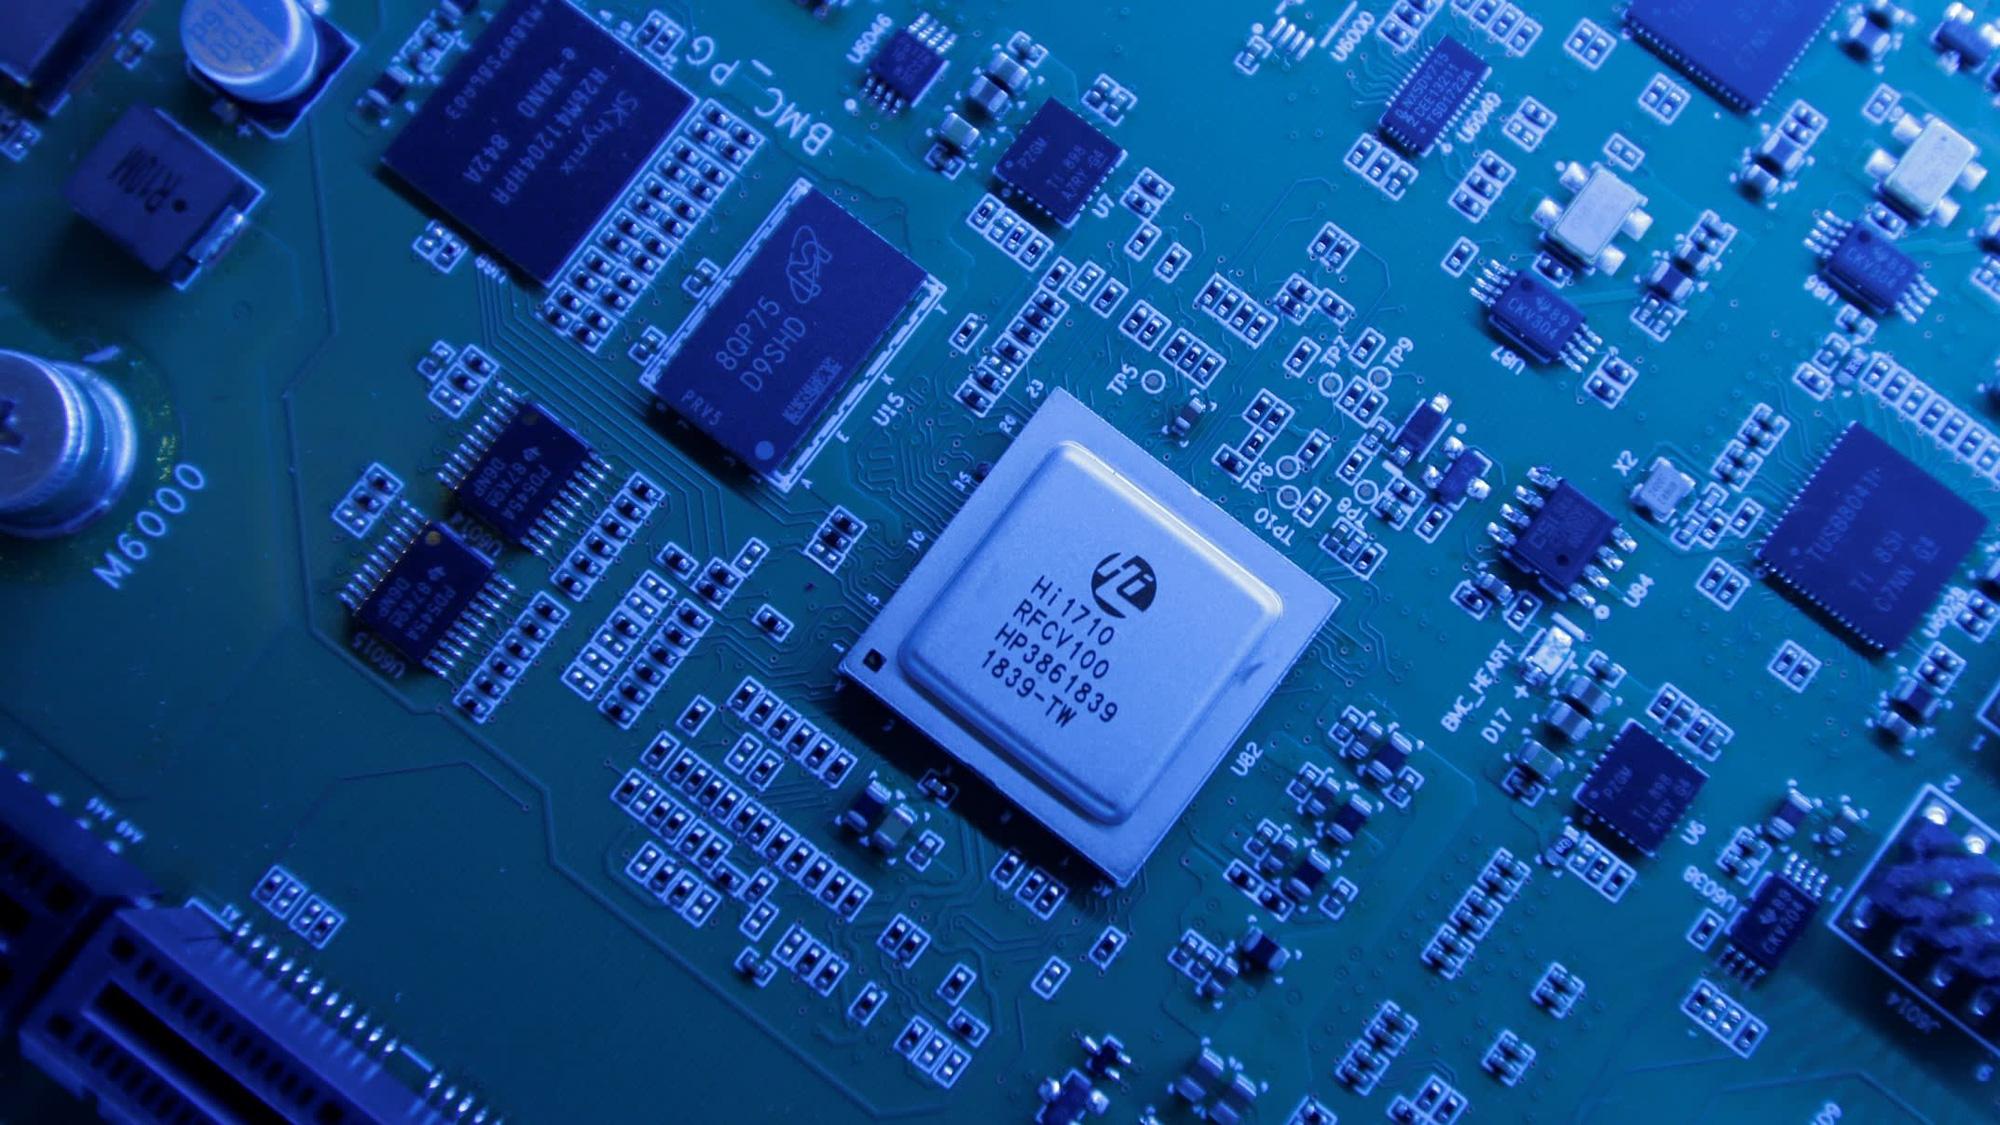 Ngấm đòn từ Mỹ, HiSilicon của Huawei sẽ sớm rời top 10 nhà cung cấp chip lớn nhất hành tinh - Ảnh 1.